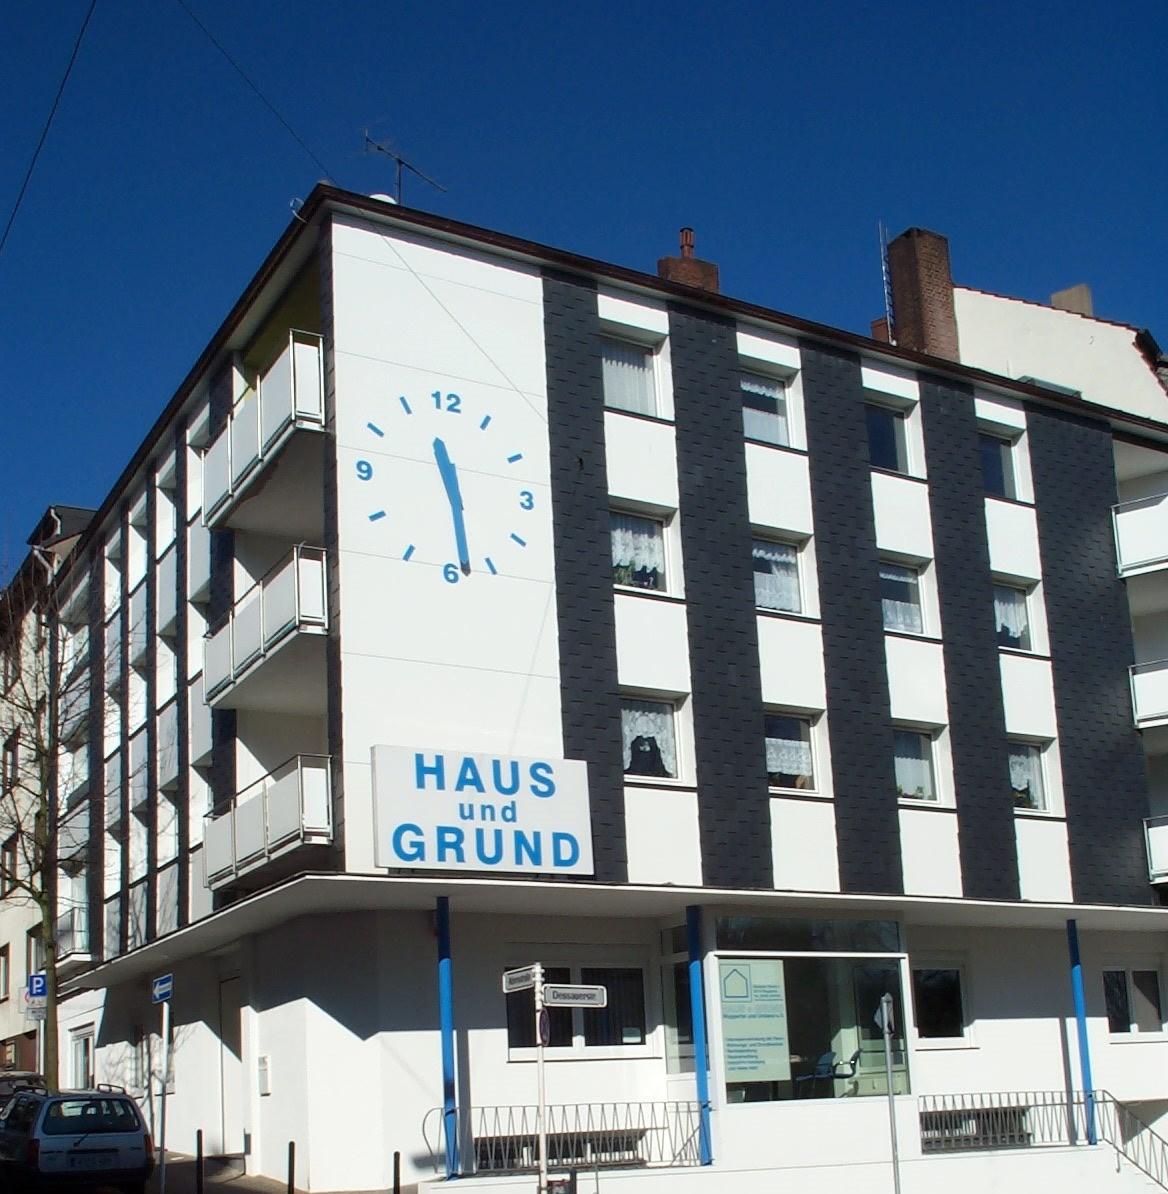 Einfamilienhausmietvertrag Mietvertrag Von Haus Grund: HAUS + GRUND Wuppertal Und Umland Vormals Elberfeld Von